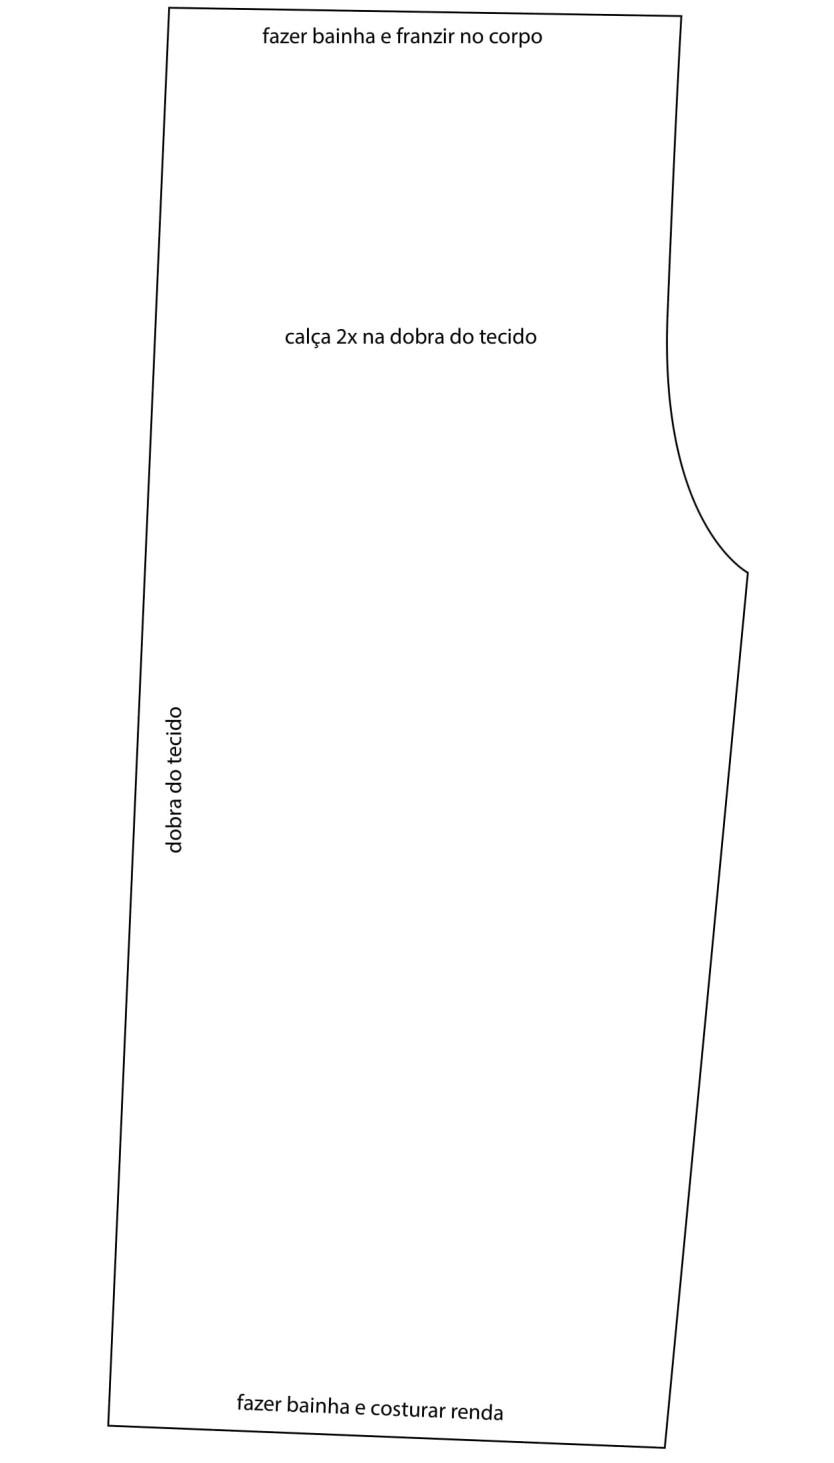 boneca melinda 3 1 - PASSO A PASSO DE BONECA DE PANO COM GRÁFICO E RECEITA